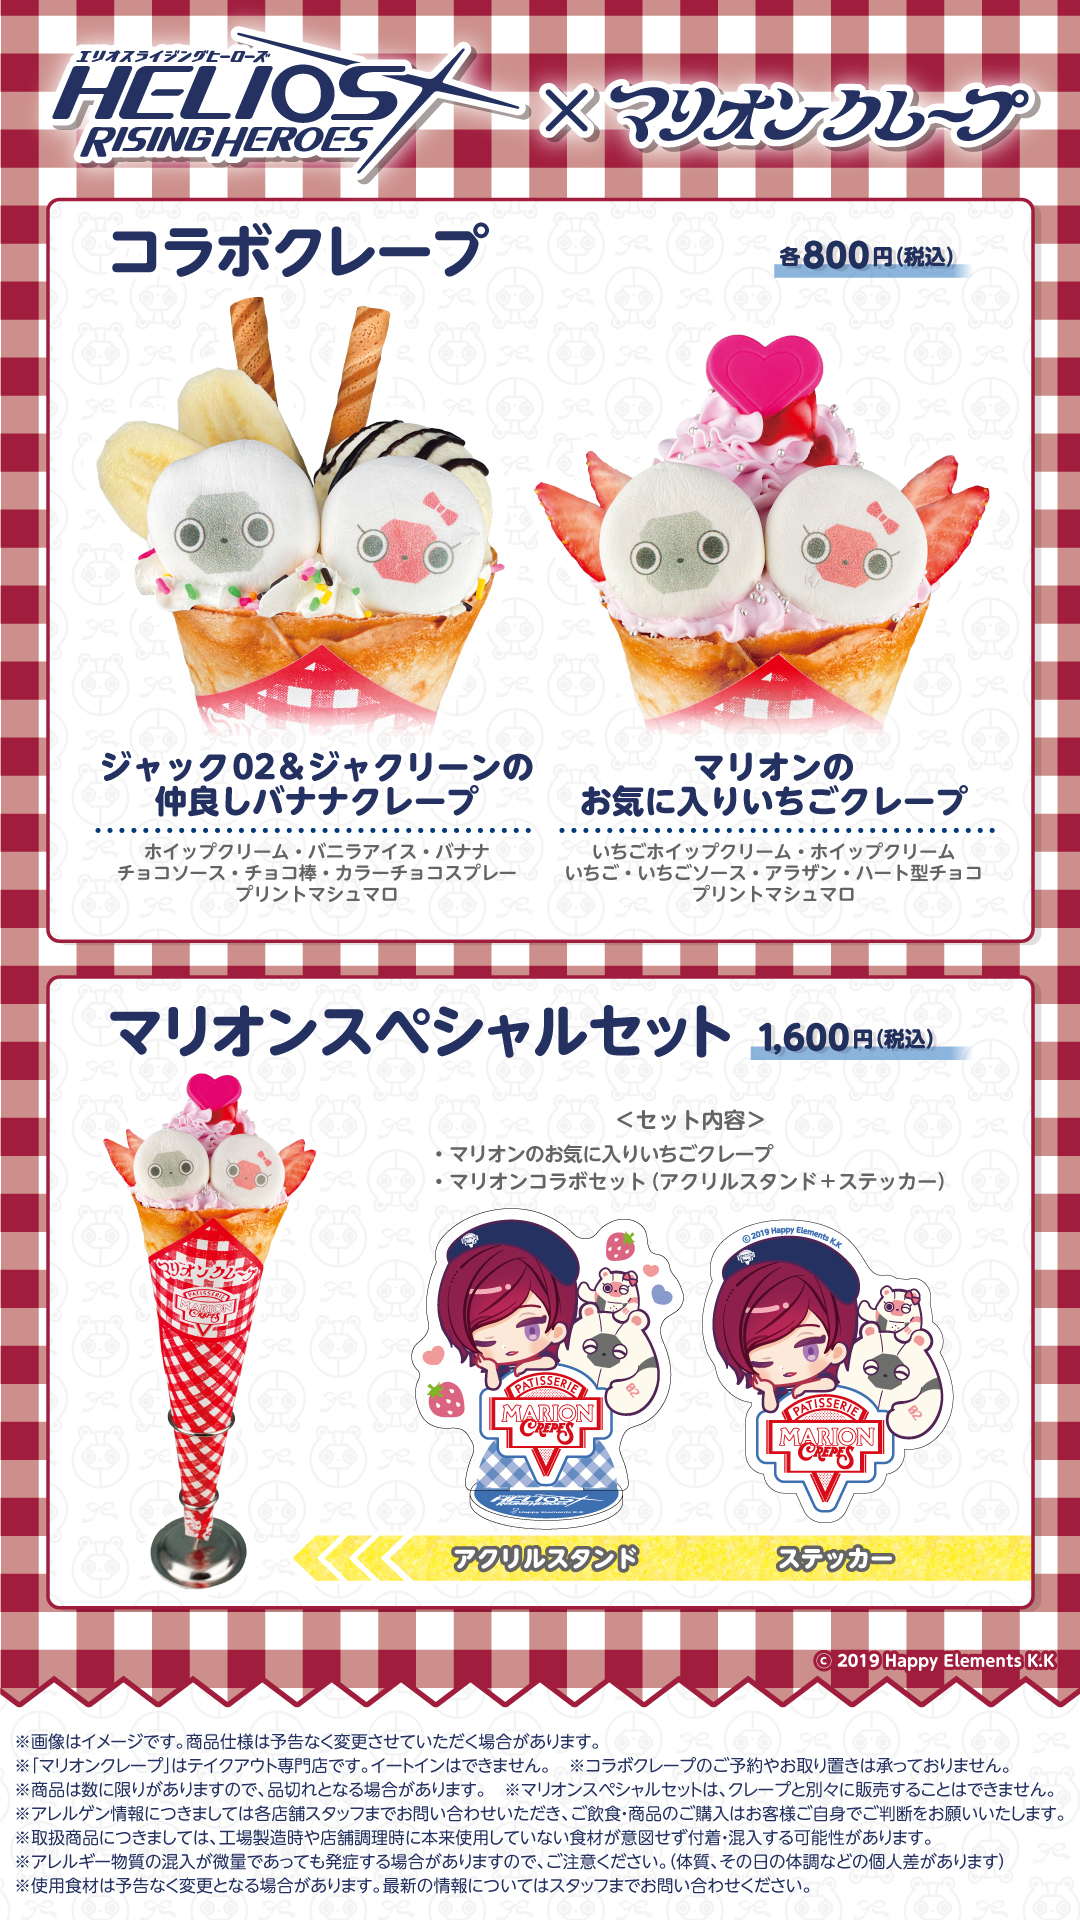 「エリオスライジングヒーローズ」×「マリオンクレープ」かわいすぎるコラボメニュー&記念グッズが公開!